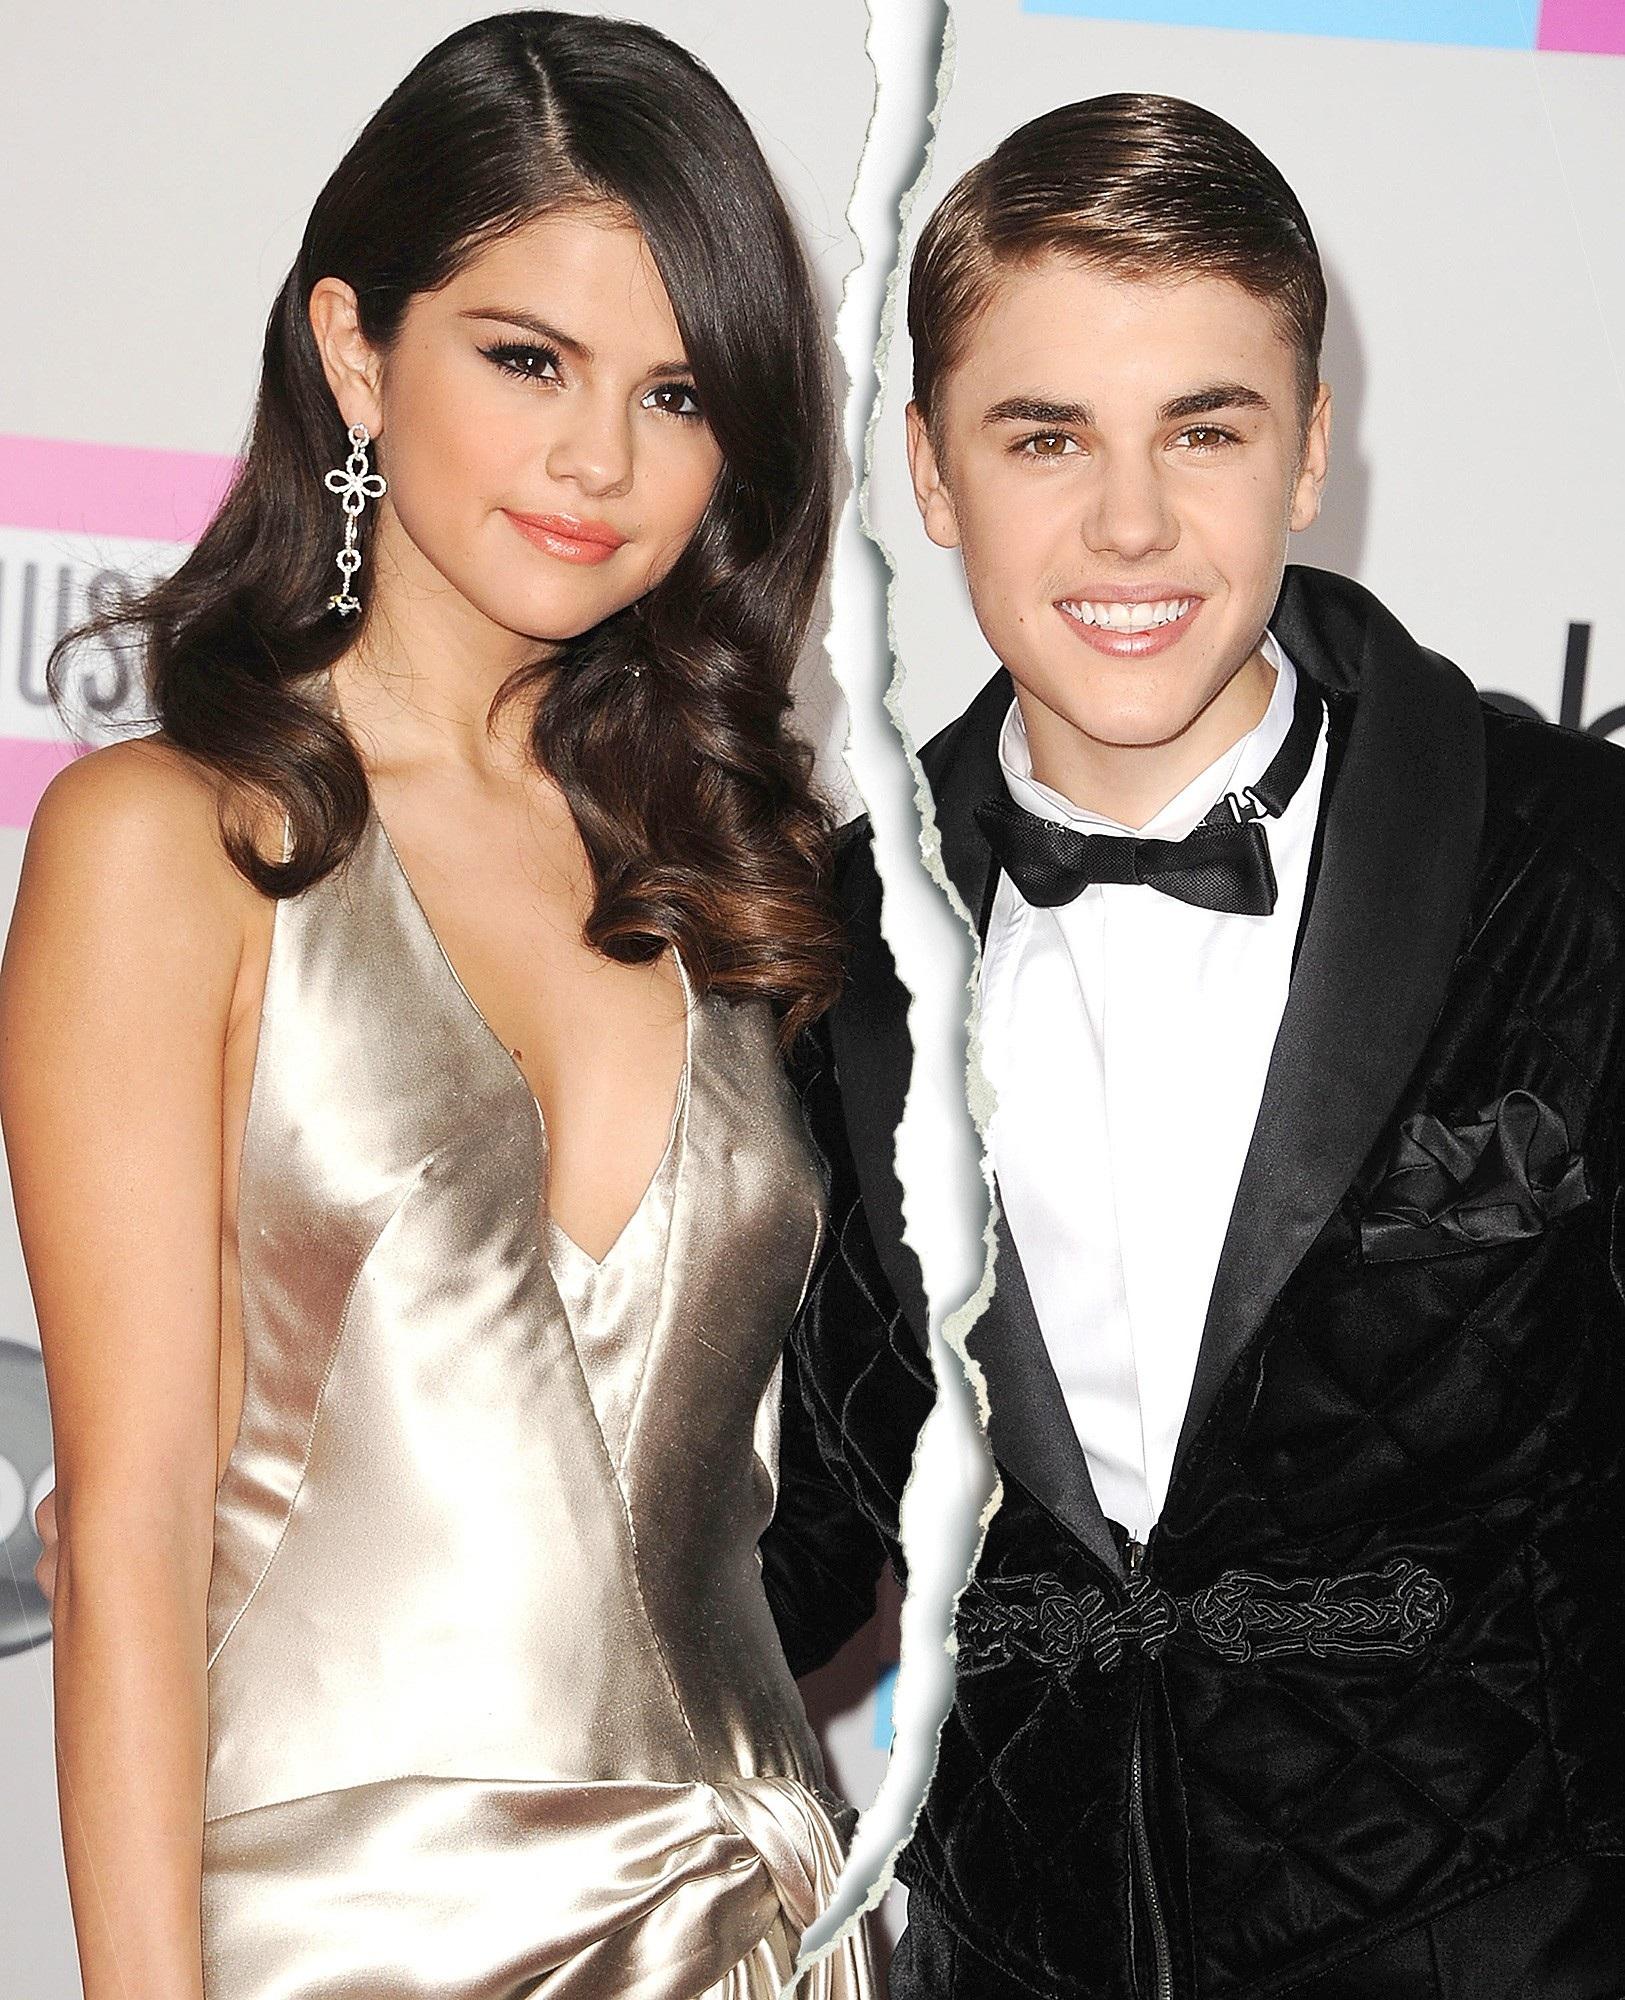 """Yêu nhau cả thanh xuân, tại sao Selena và Justin không thể là """"định mệnh chung cuộc""""? - Ảnh 12."""